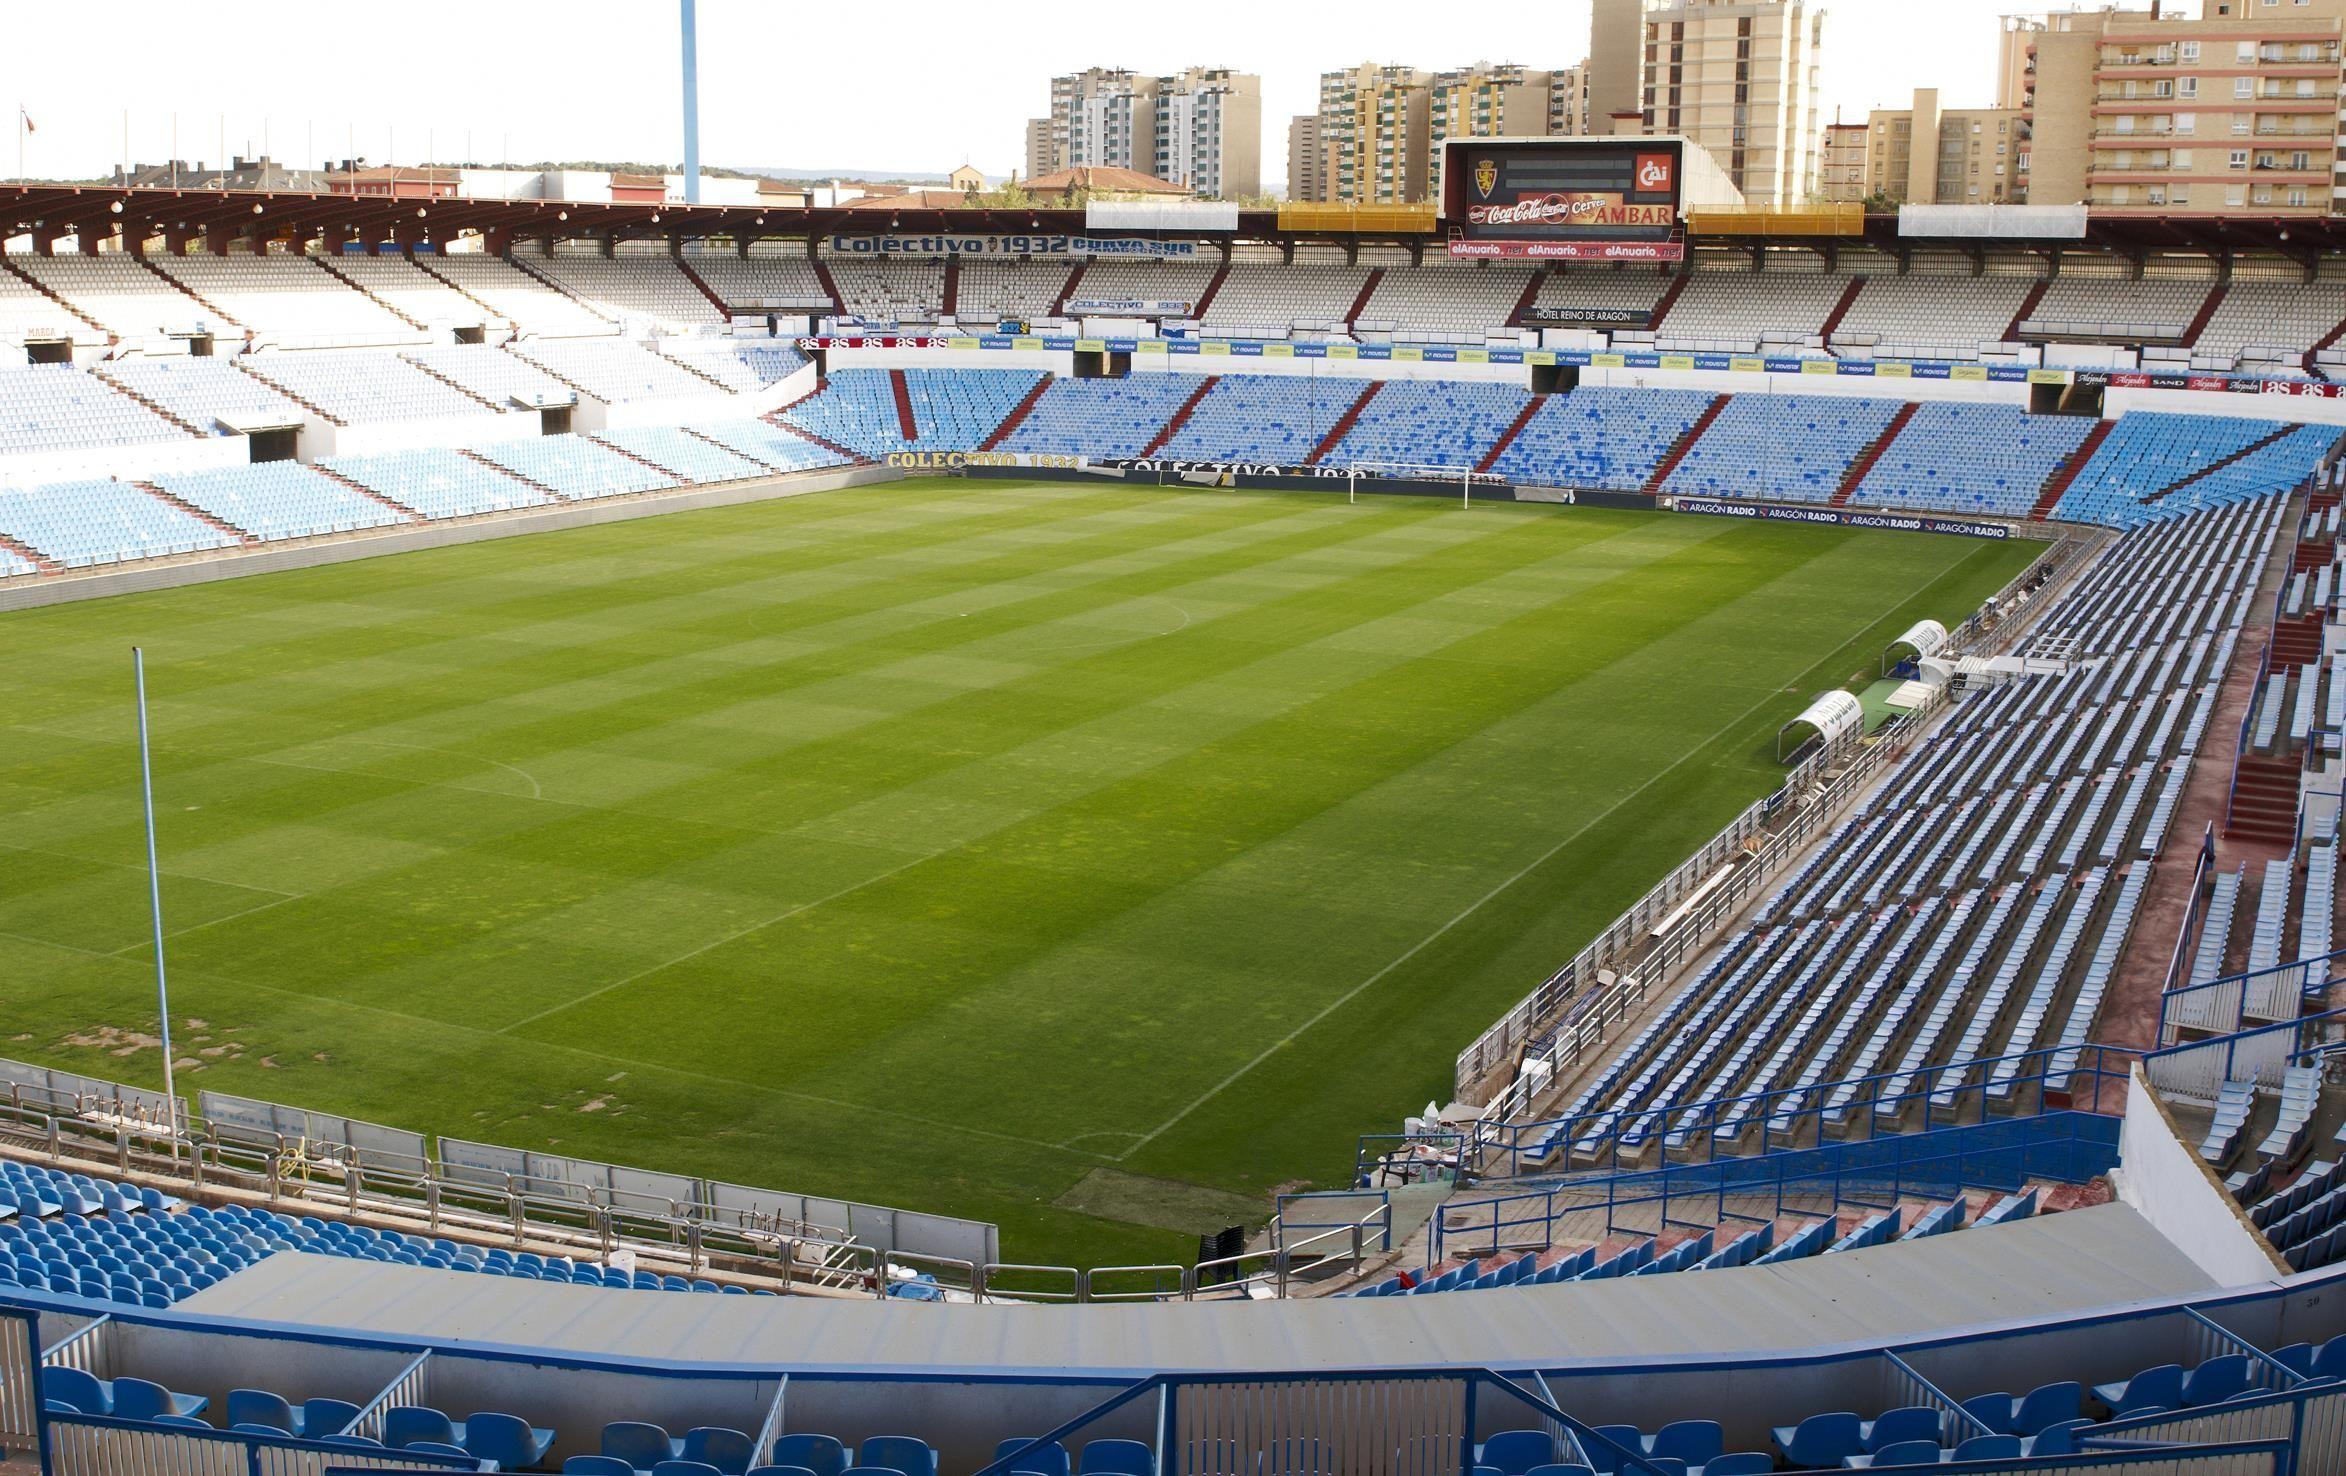 ¿En qué estadio juega el Zaragoza?